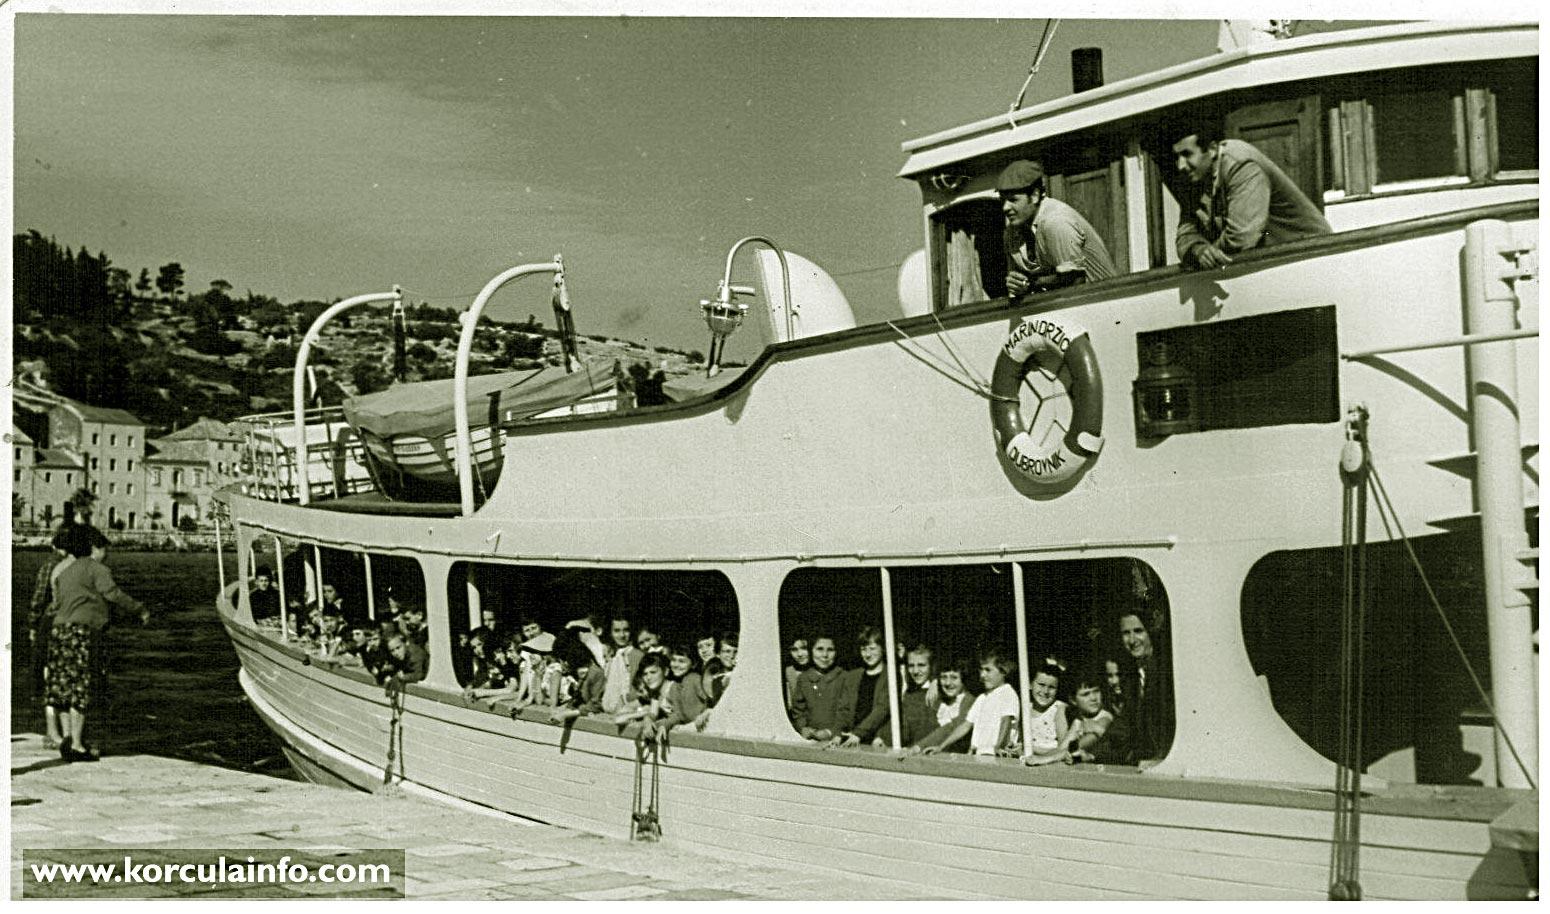 Jadrolinija's Ferry Marin Drzic @ Riva, Korcula in 1959